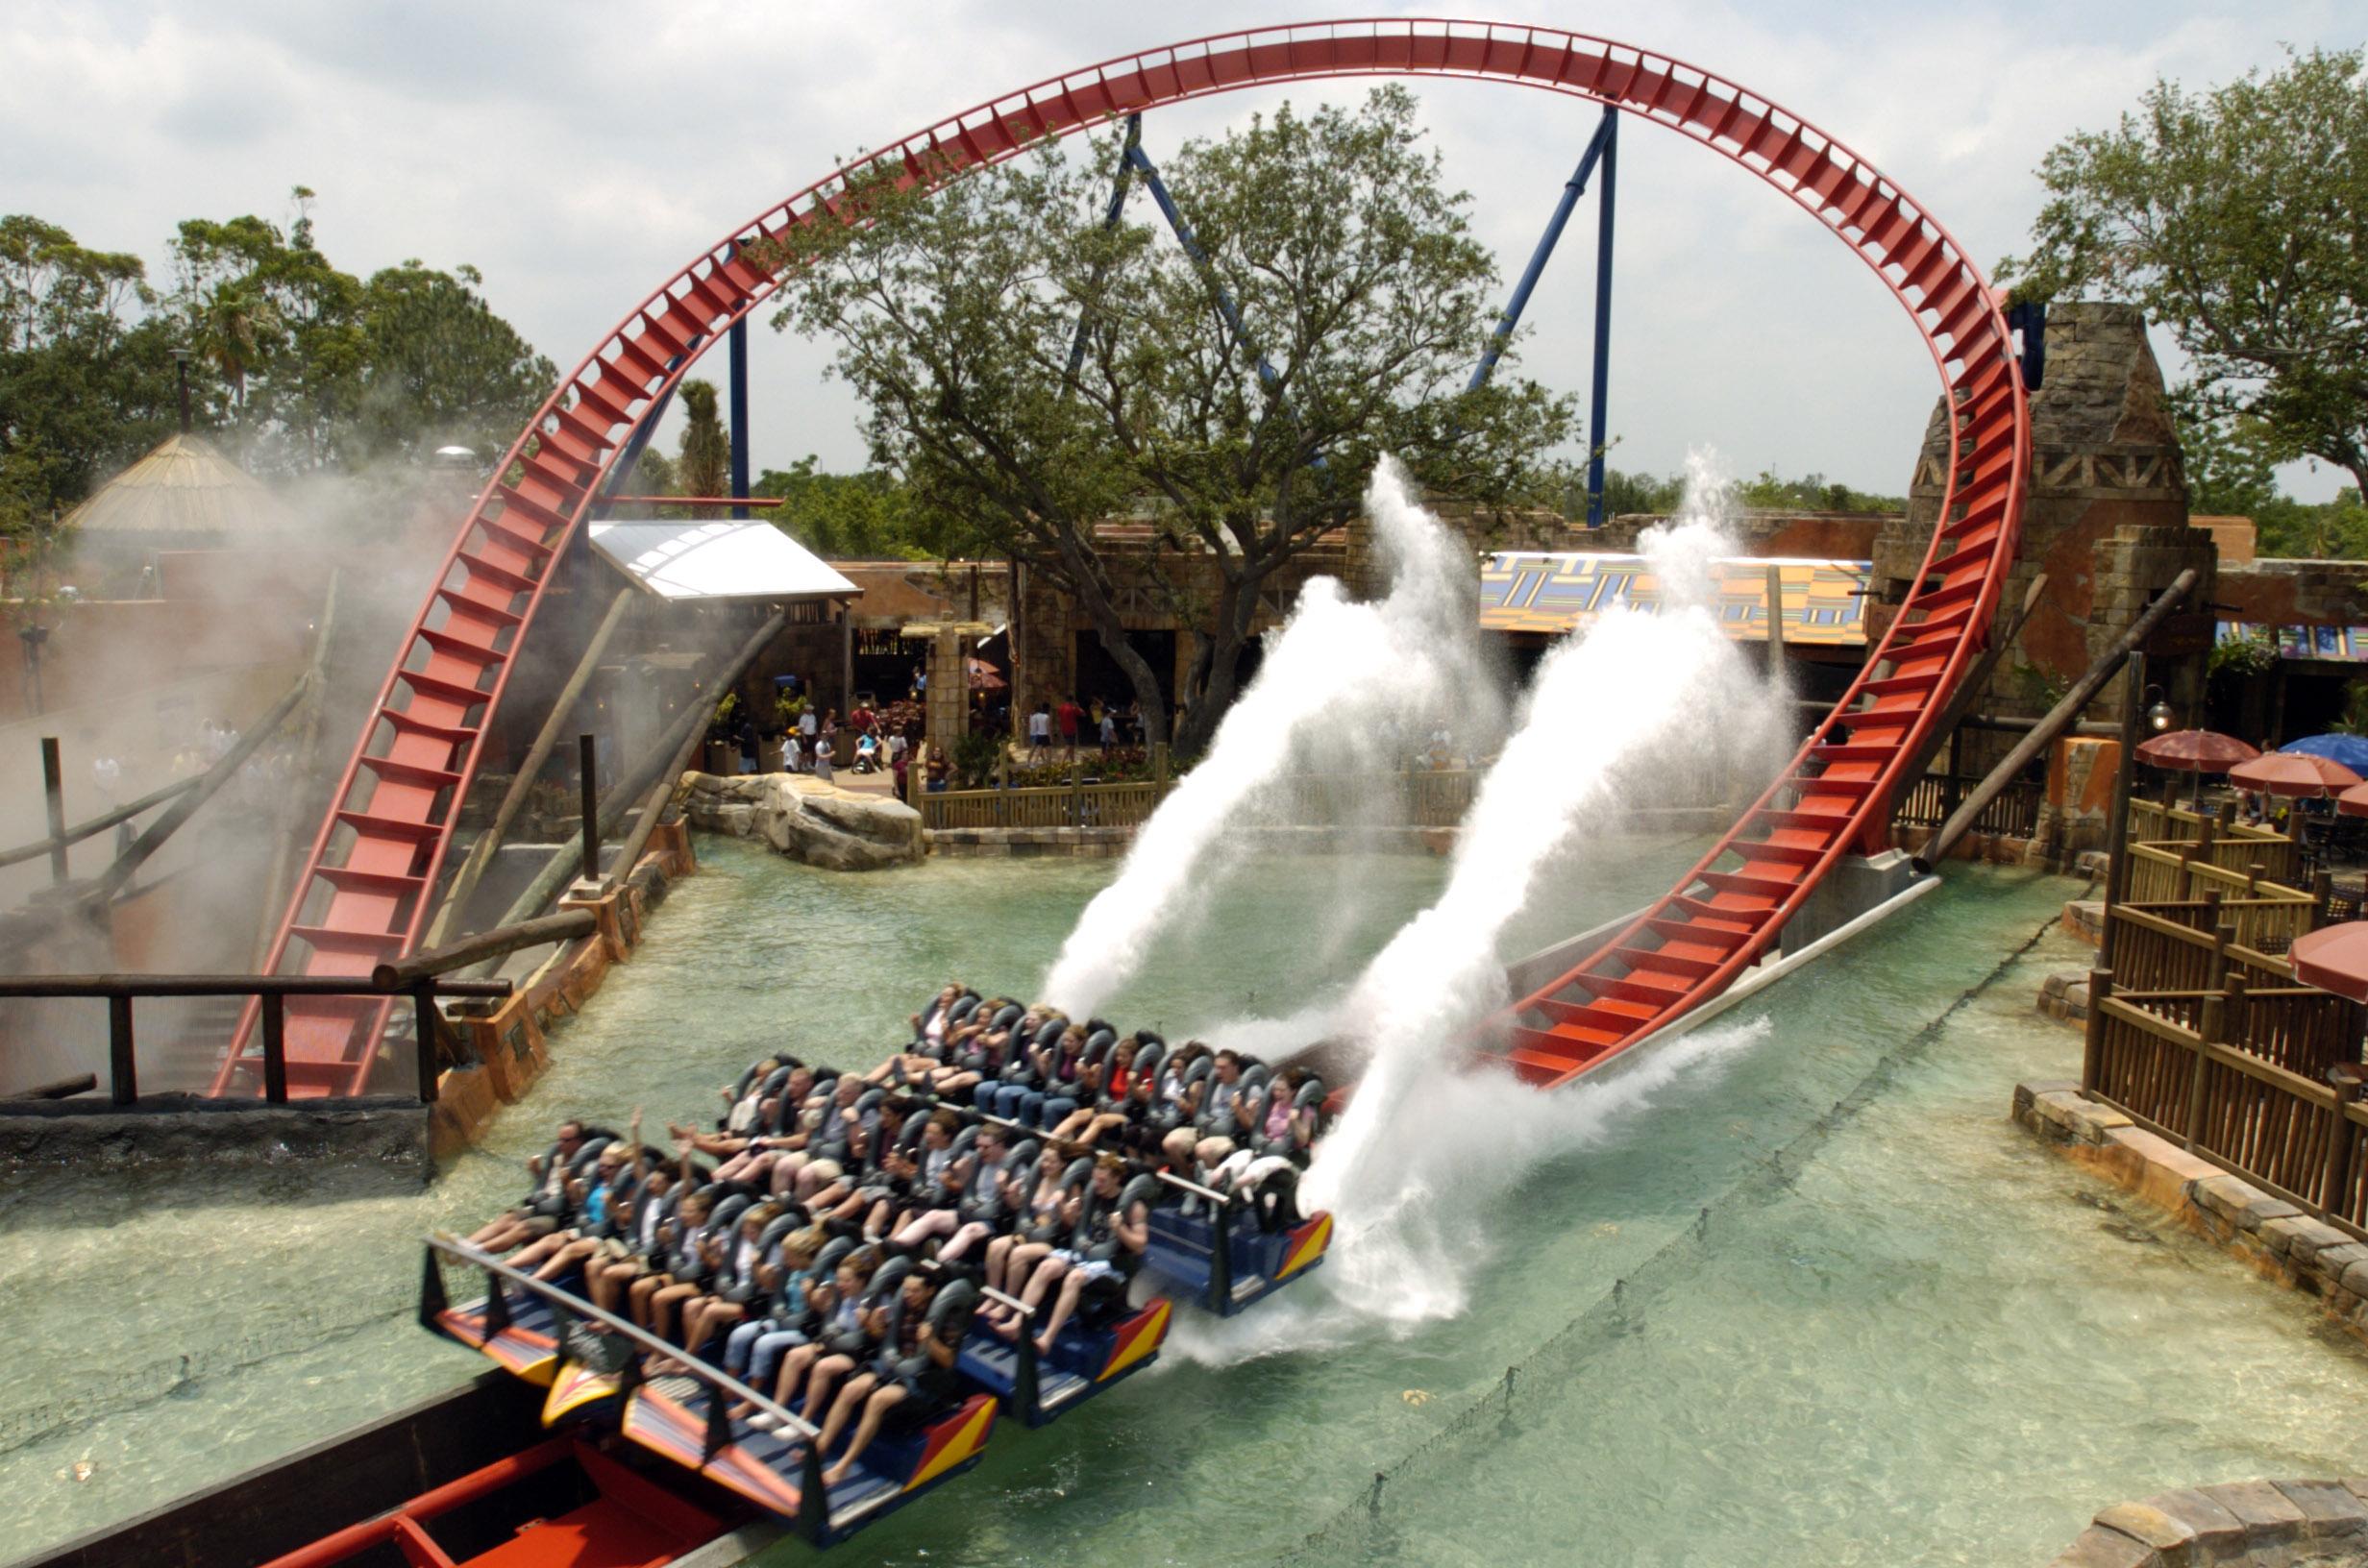 SheiKra Ride at Busch Gardens